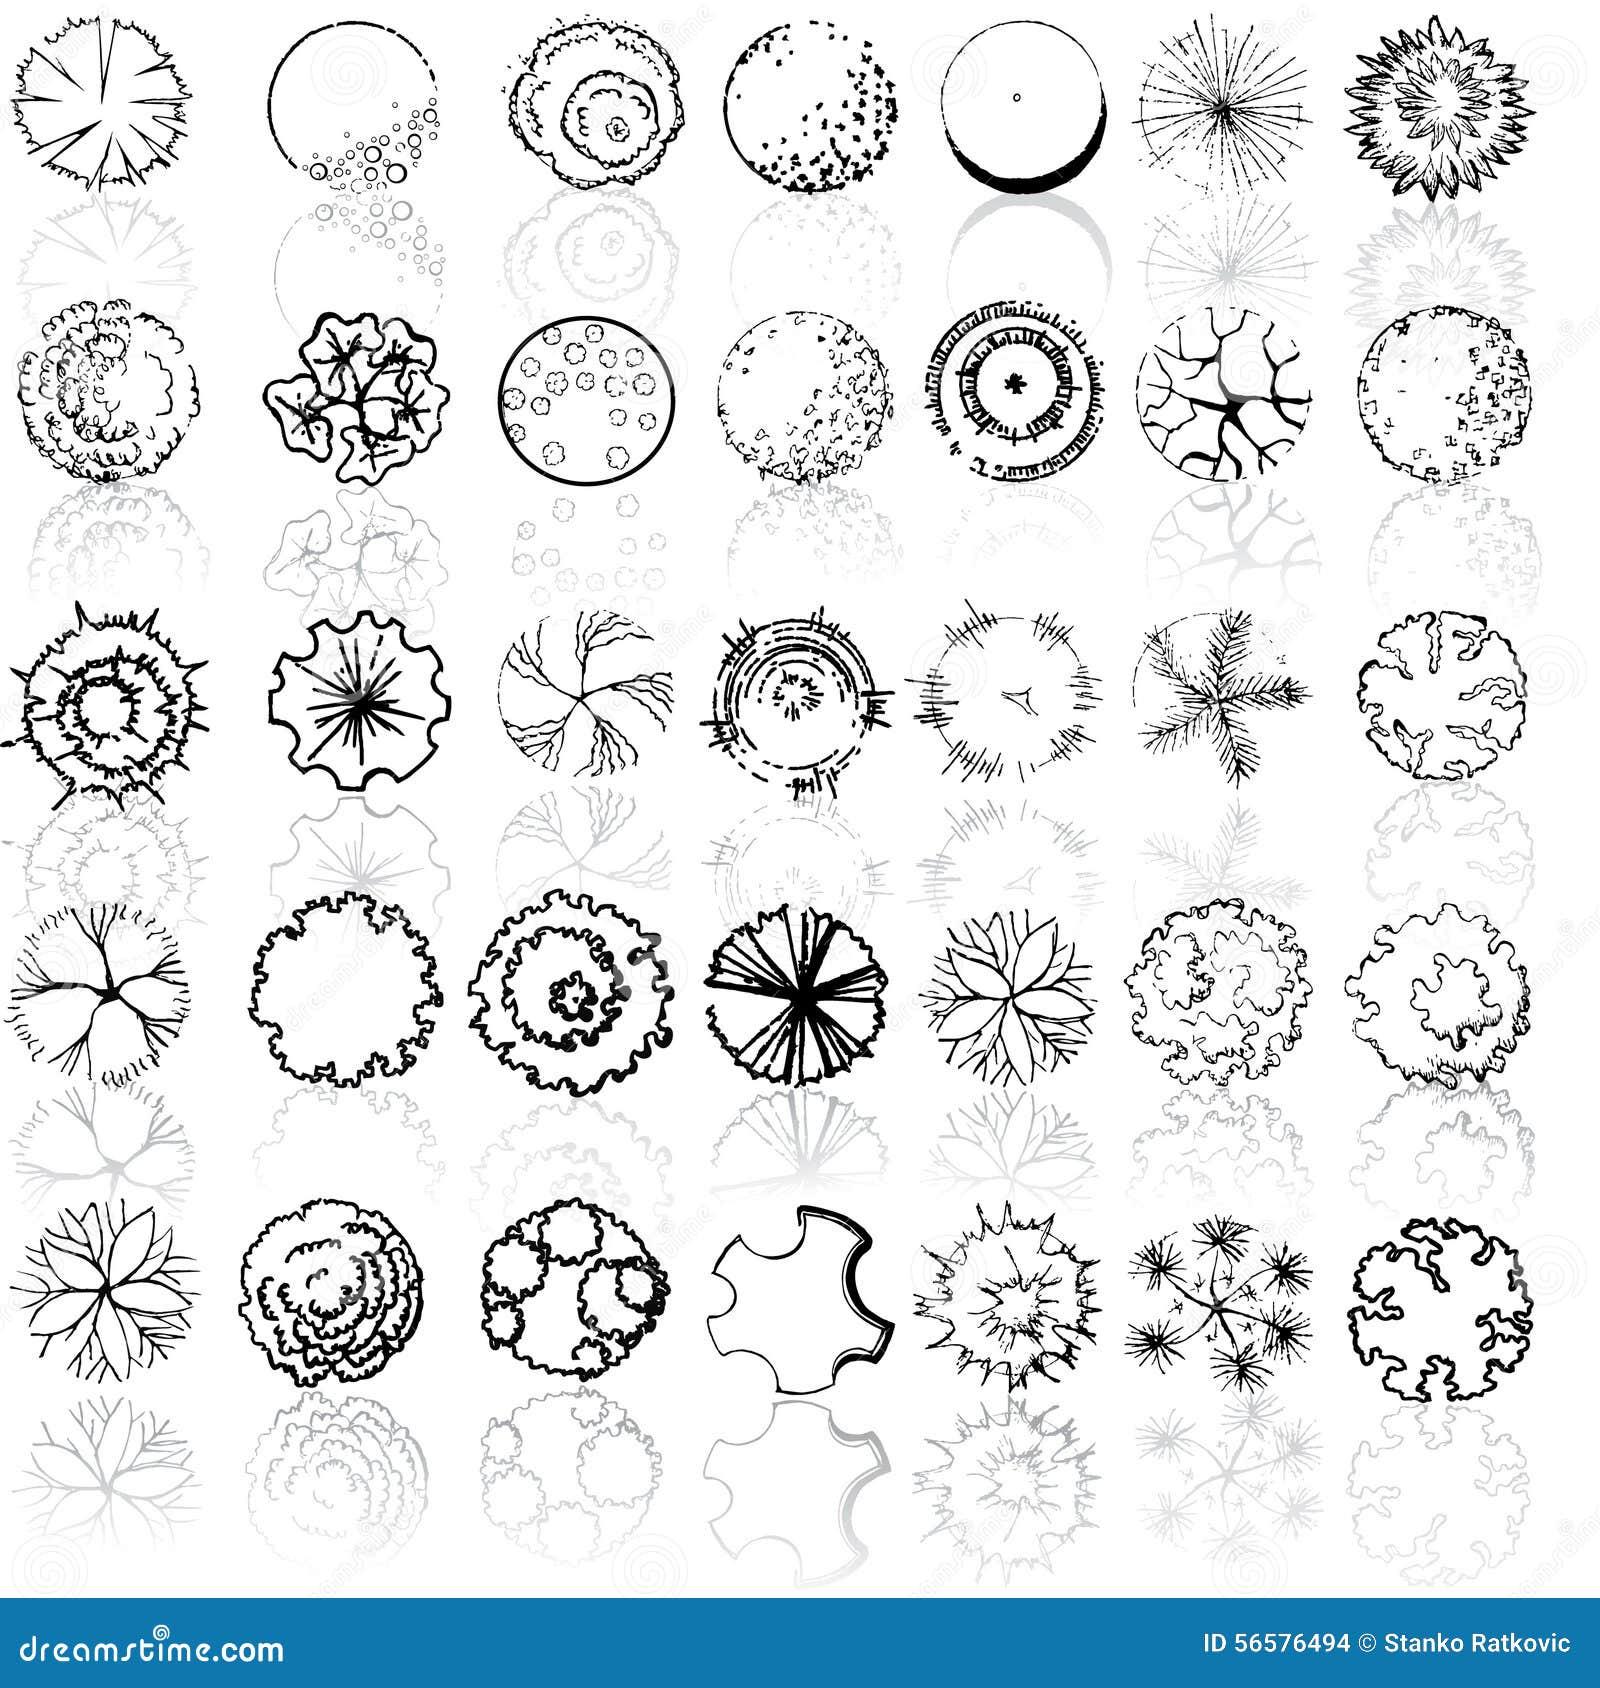 A set of treetop symbols stock illustration illustration of a set of treetop symbols for architectural or landscape design malvernweather Images